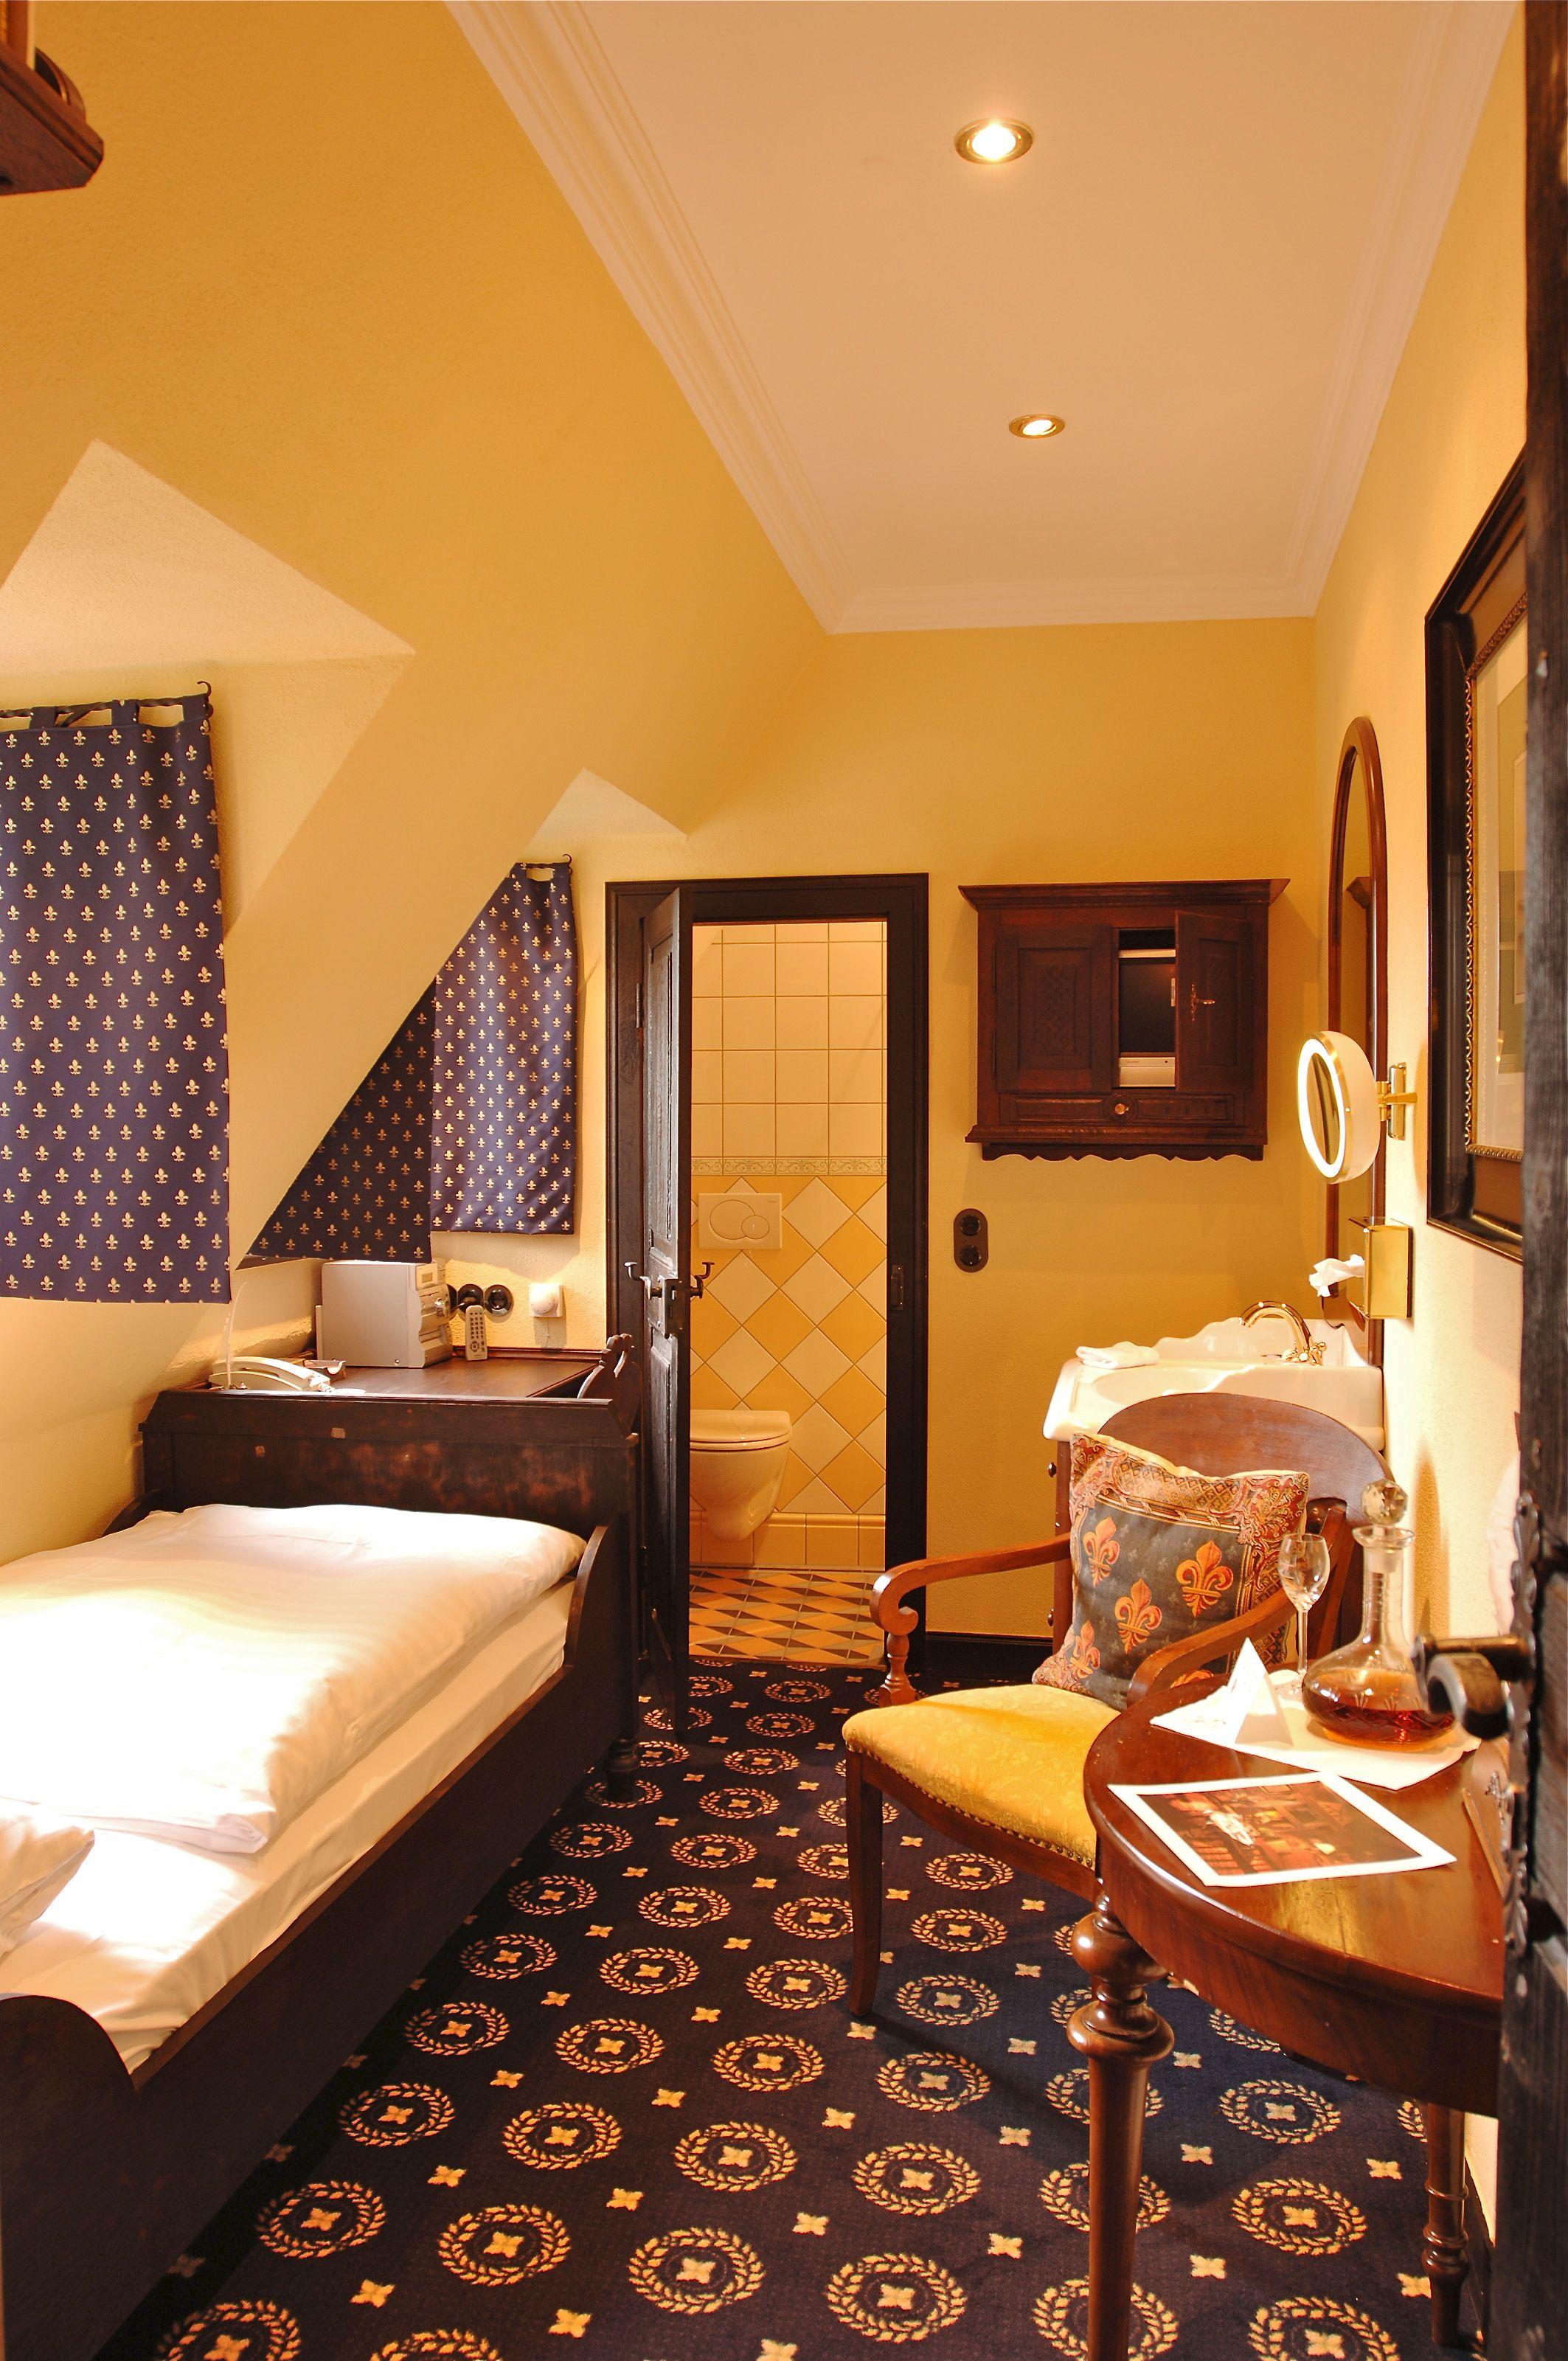 Minimalist Hotel Room: Einzelzimmer /single Room No. 19